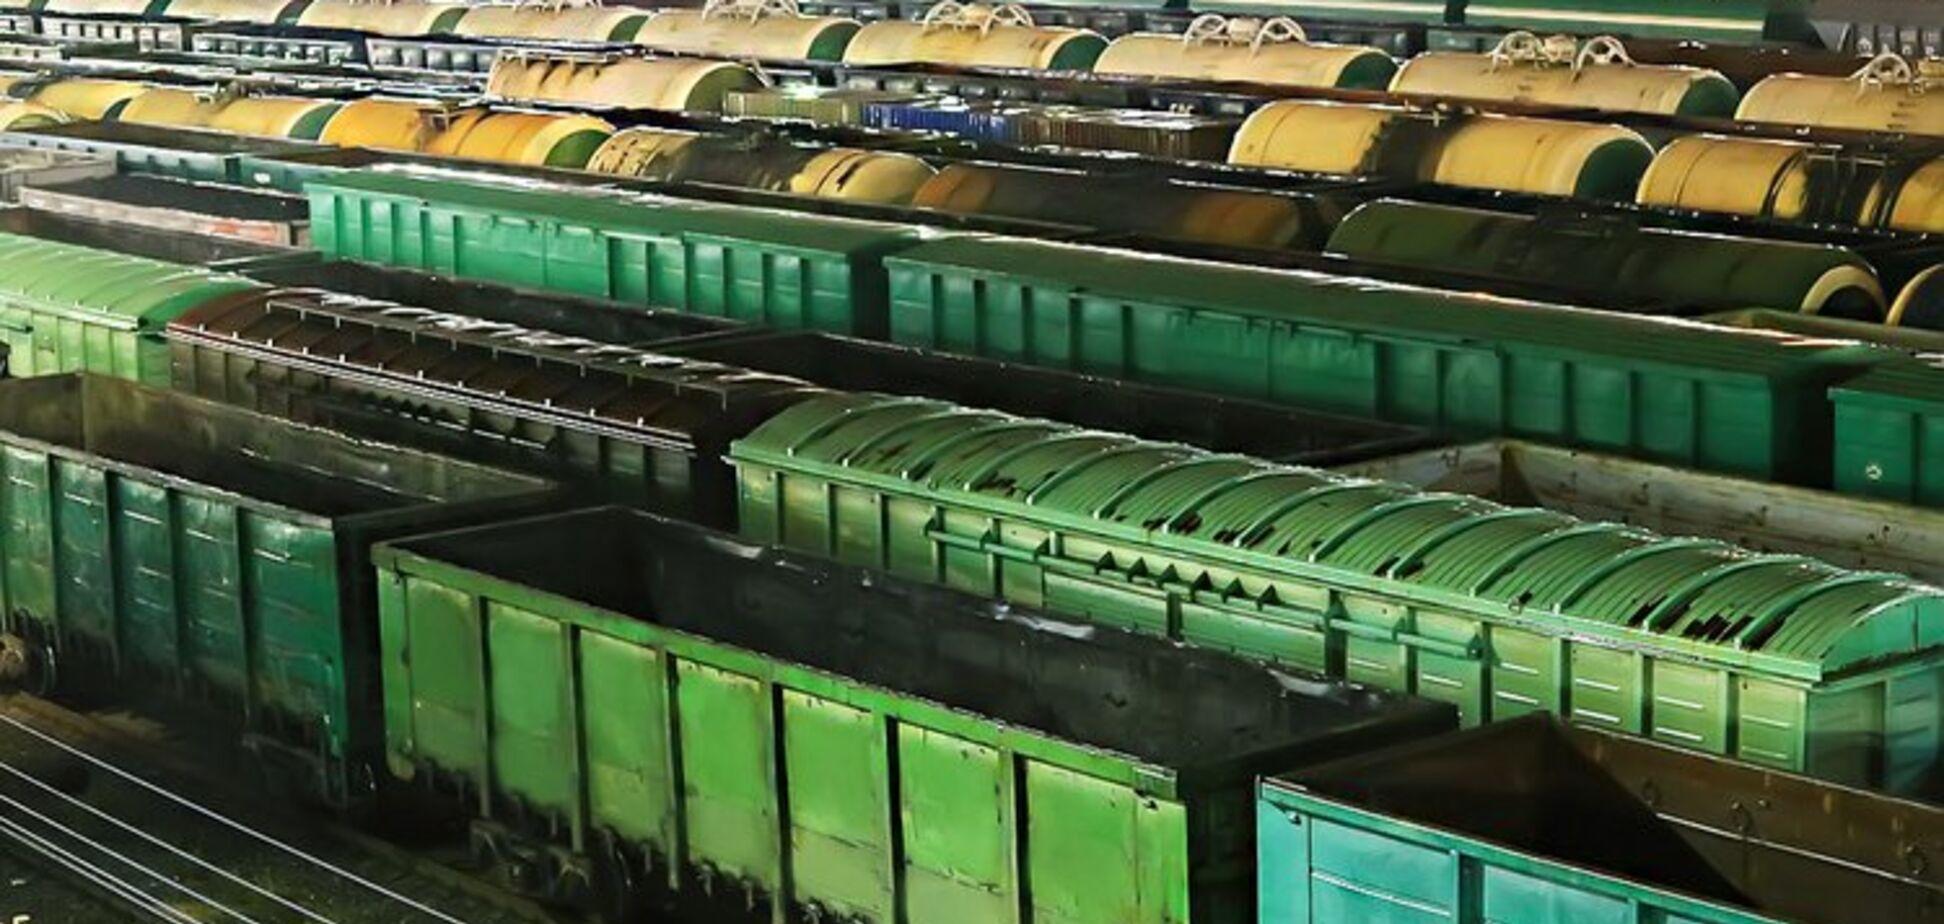 Эксперт рассказал, как разворовывают поезда ''Укрзалiзницi''